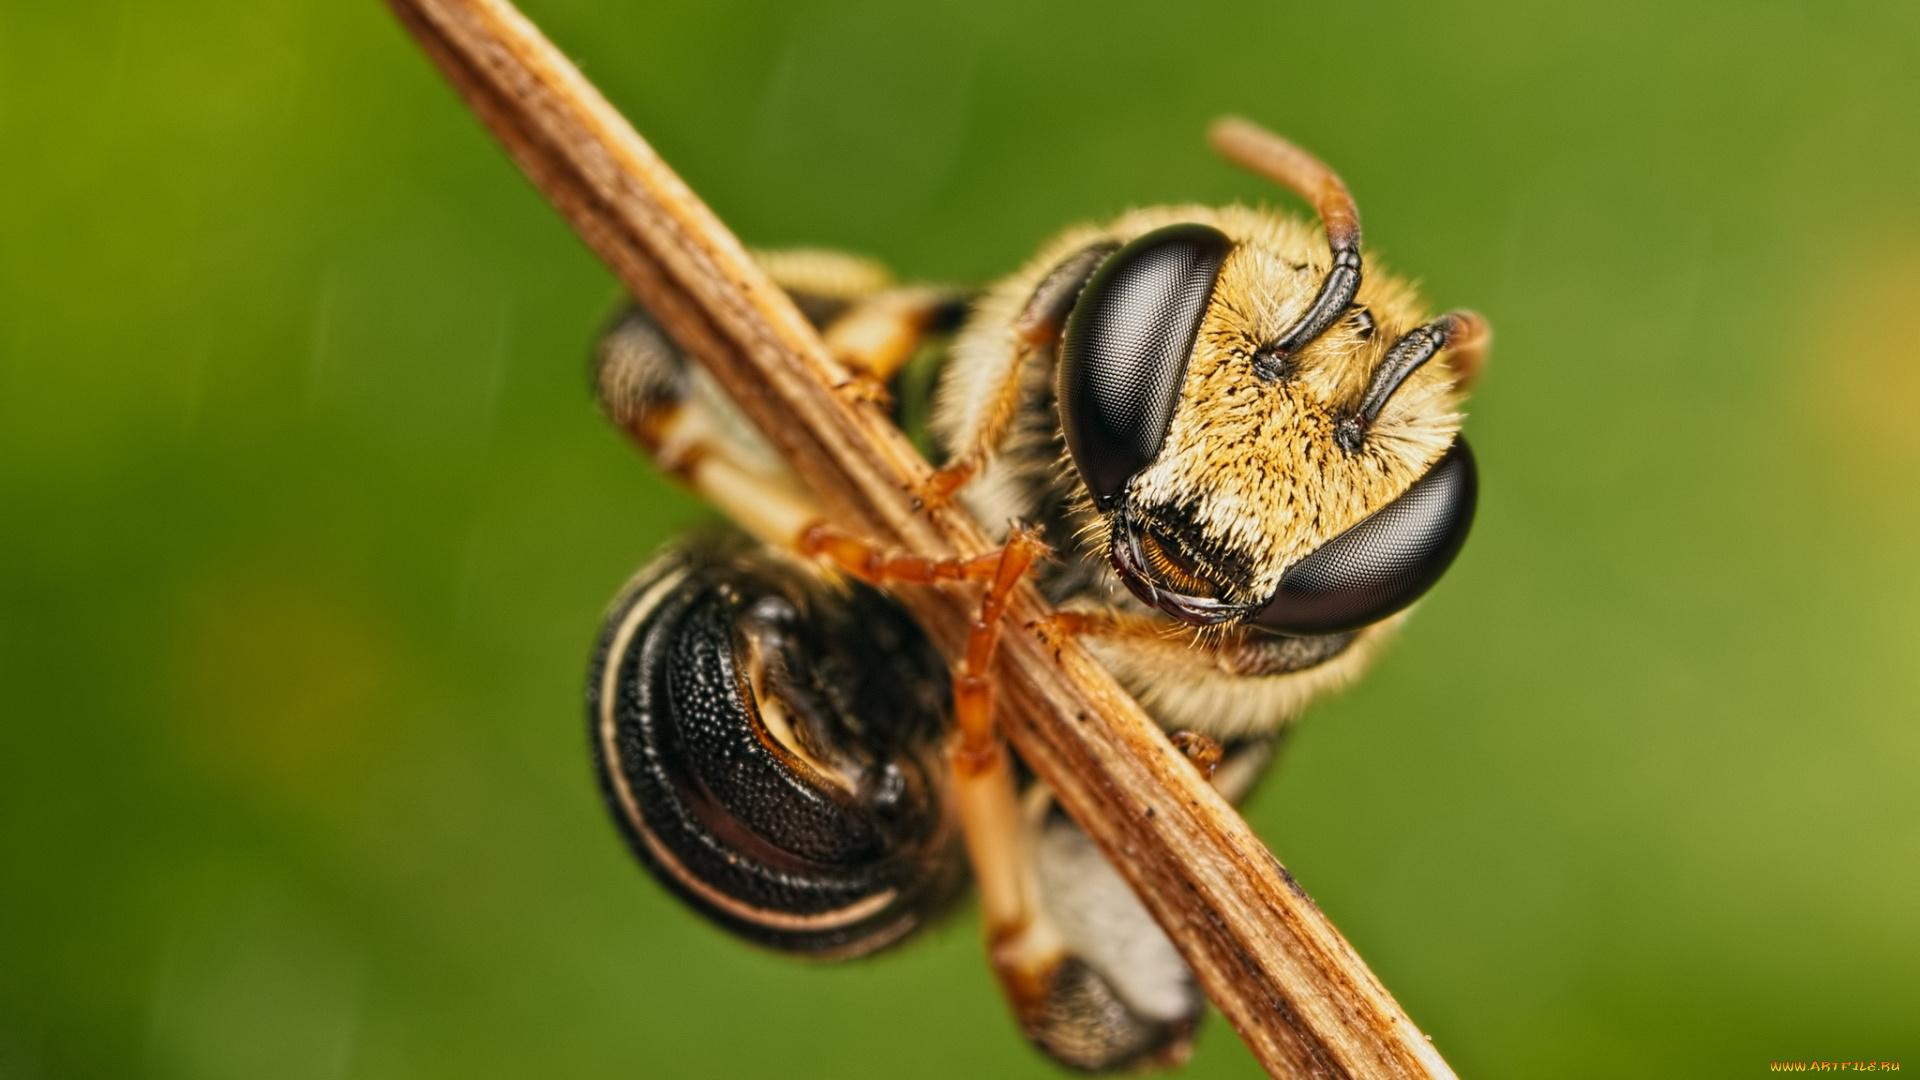 природа насекомое макро голова пчела глаза без регистрации